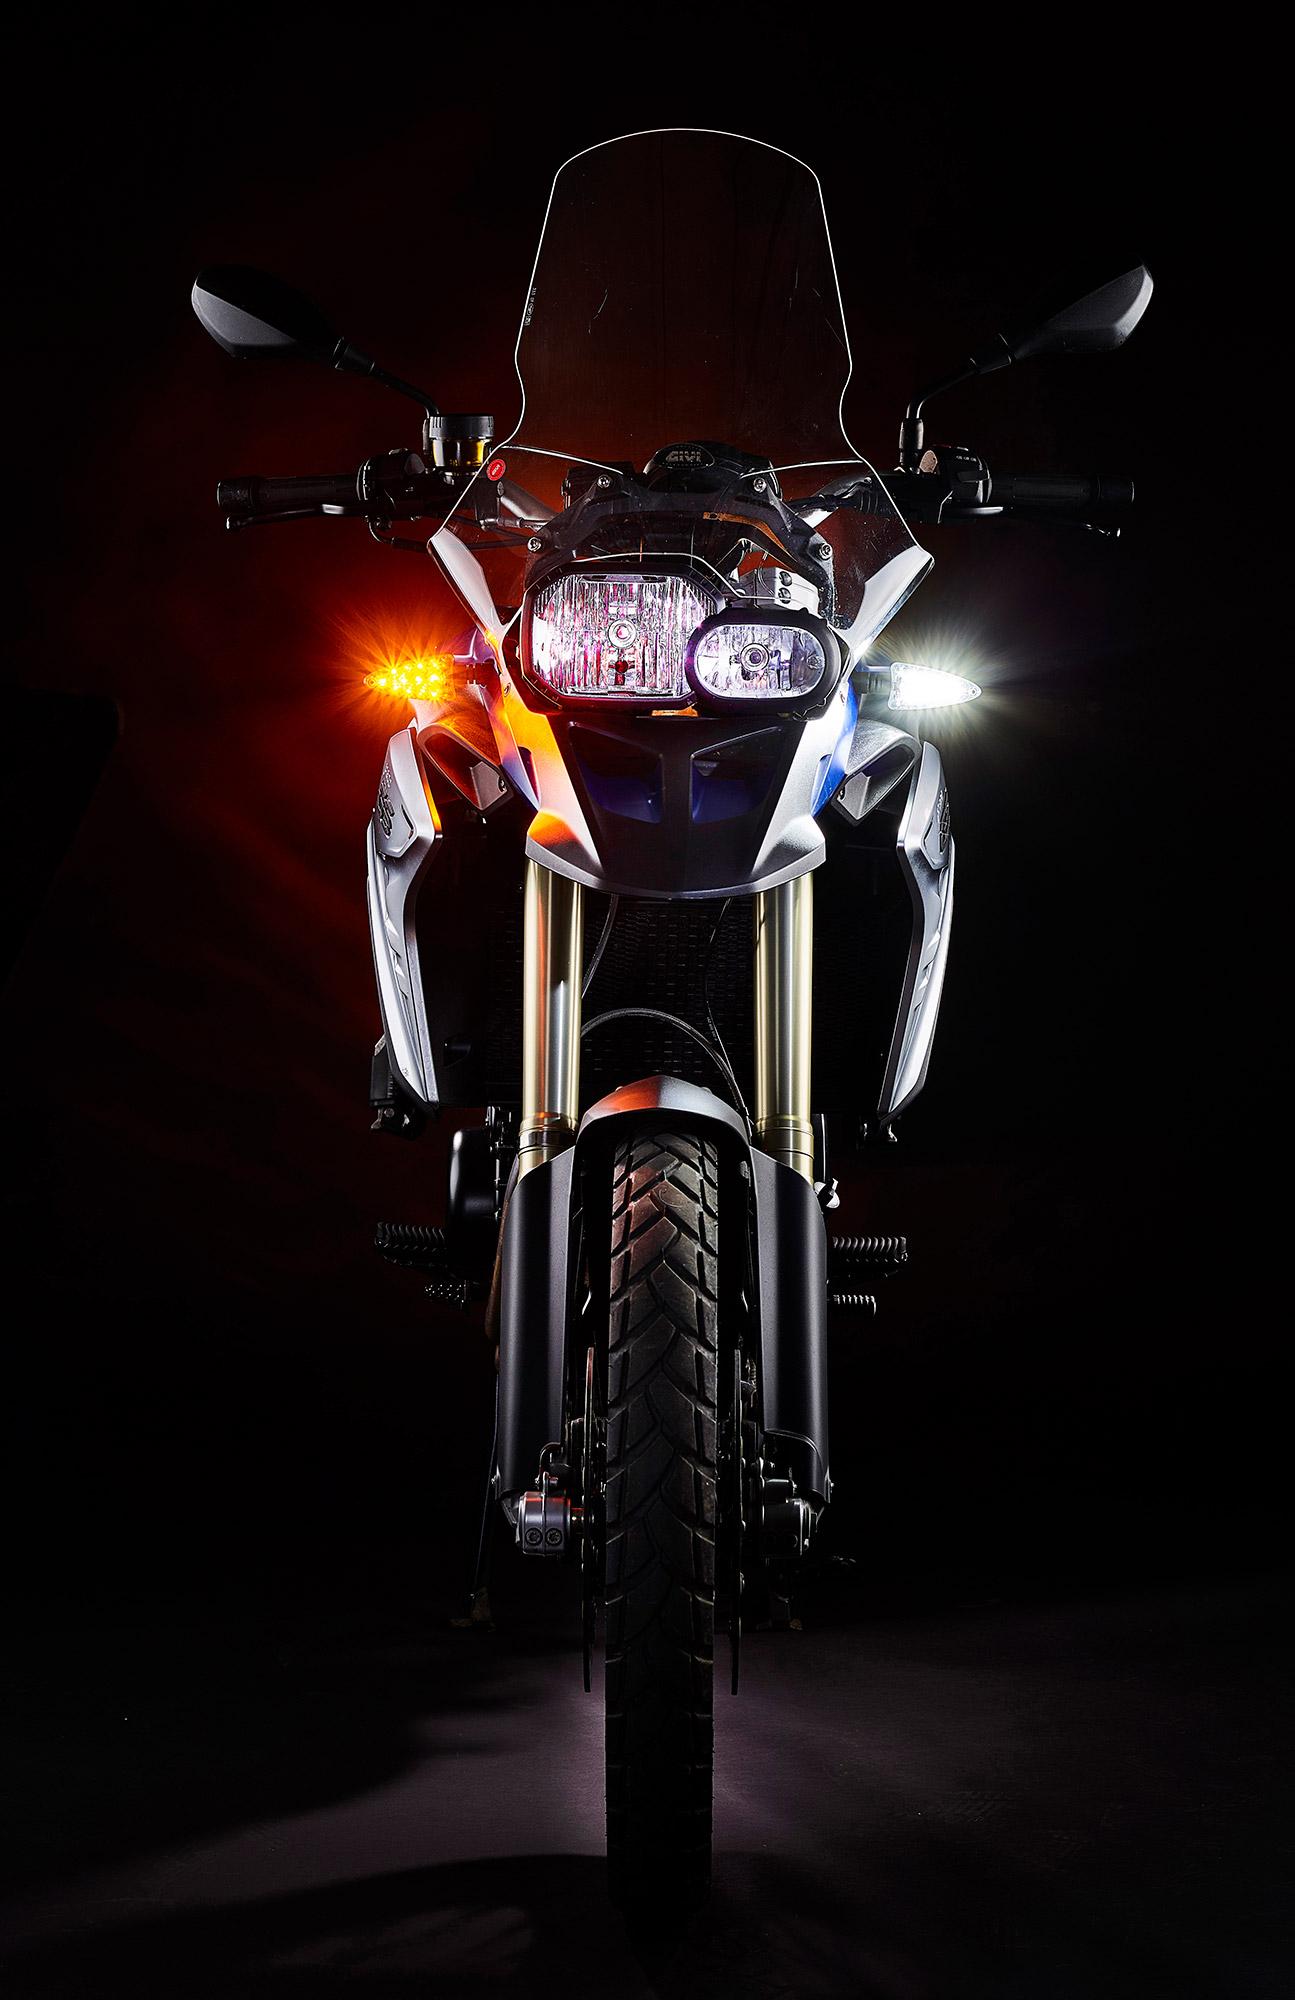 weiser-driving-light-turn-signal-new-front-2b-web.jpg